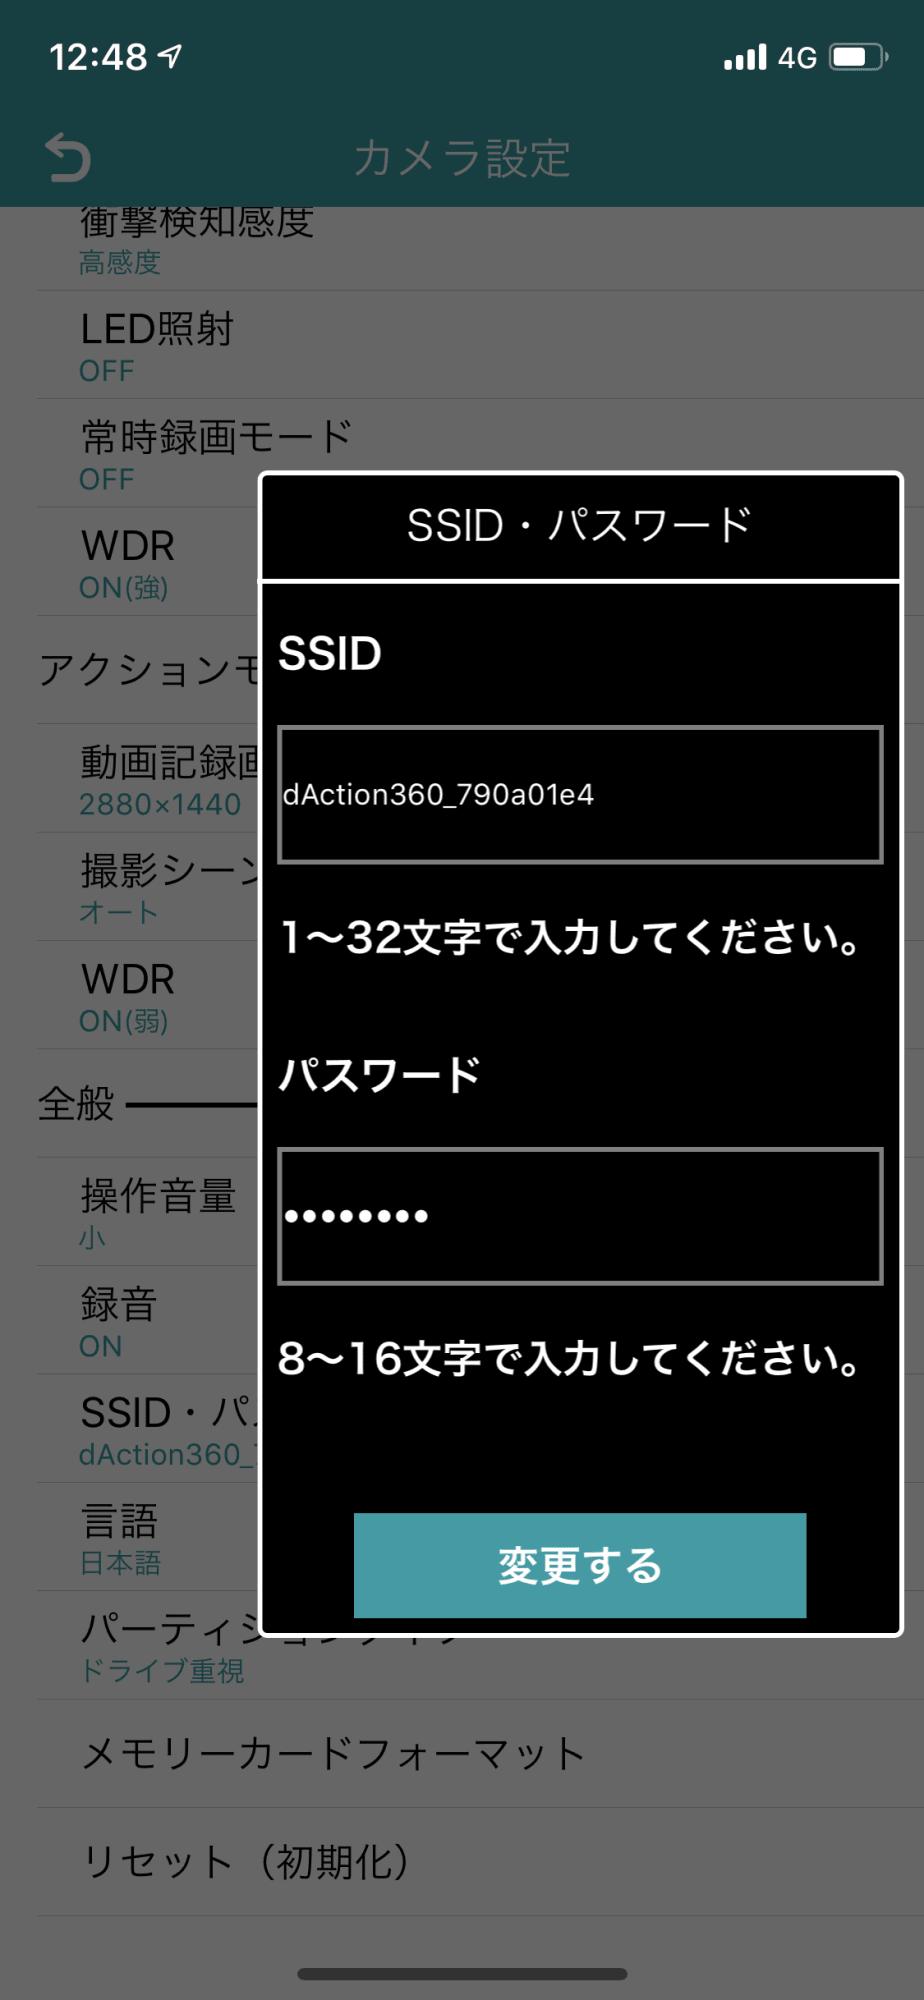 d'Action 360 S